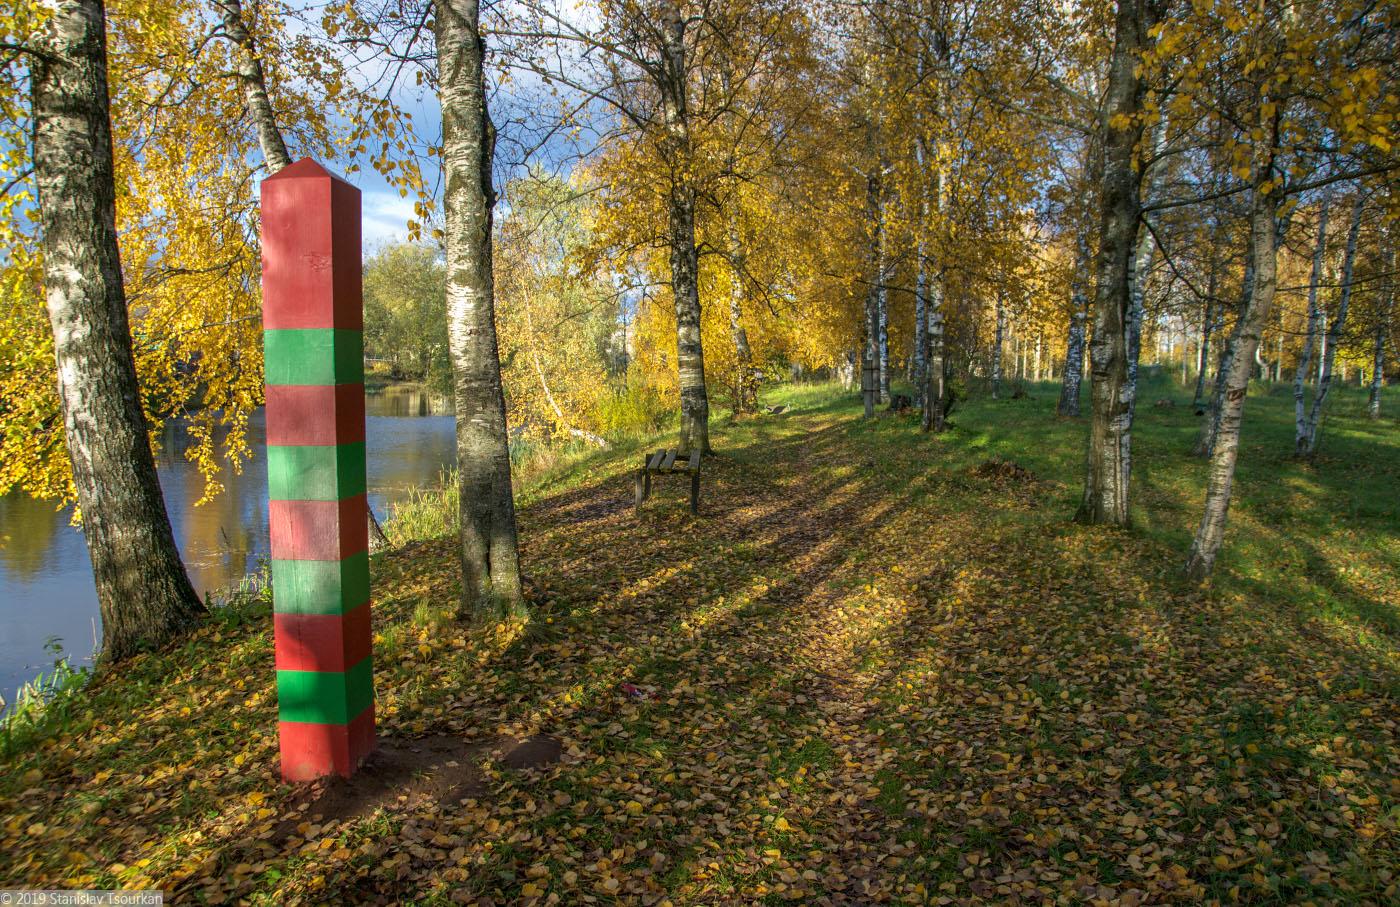 Красный Холм, Заречный парк, Набережная улица, Неледина, парк, пограничный столб, памятник пограничникам